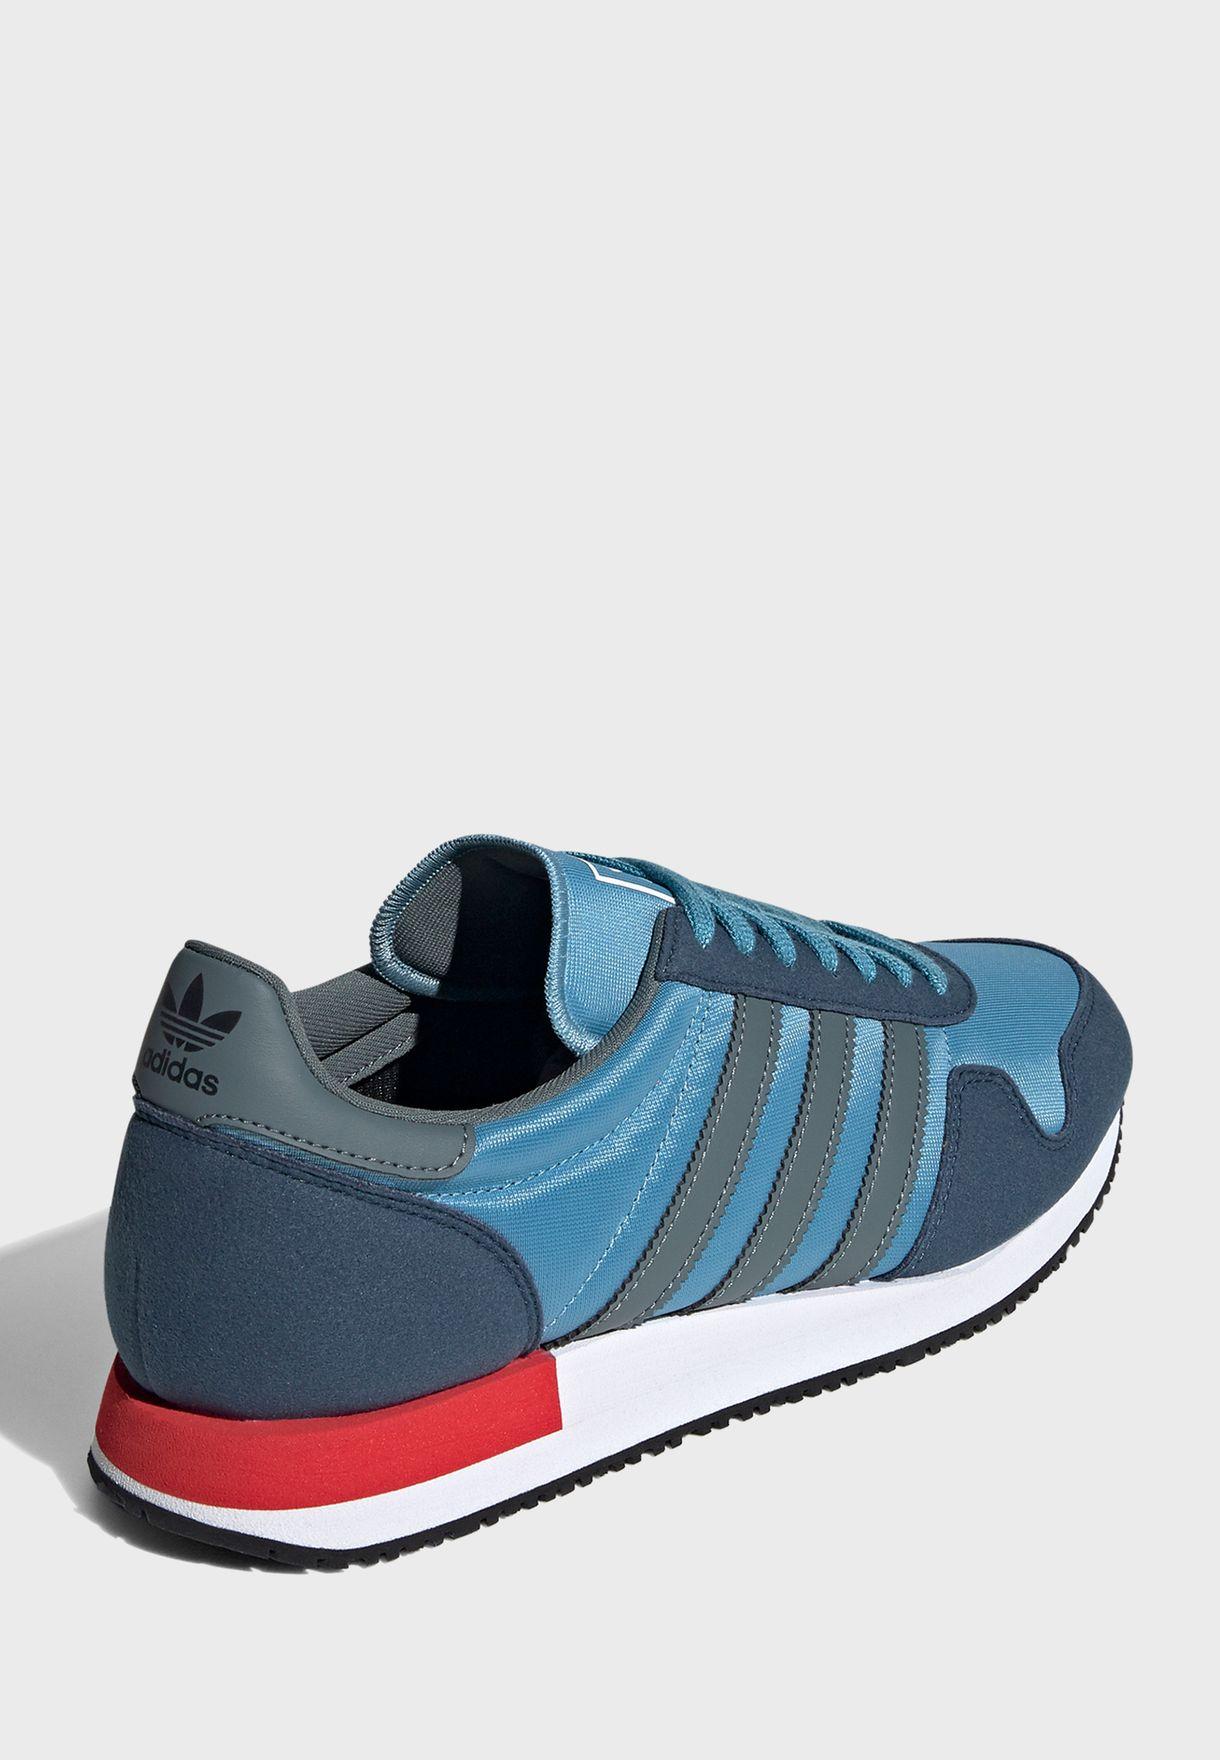 حذاء رياضي كلاسيك أوريجينالز للرجال